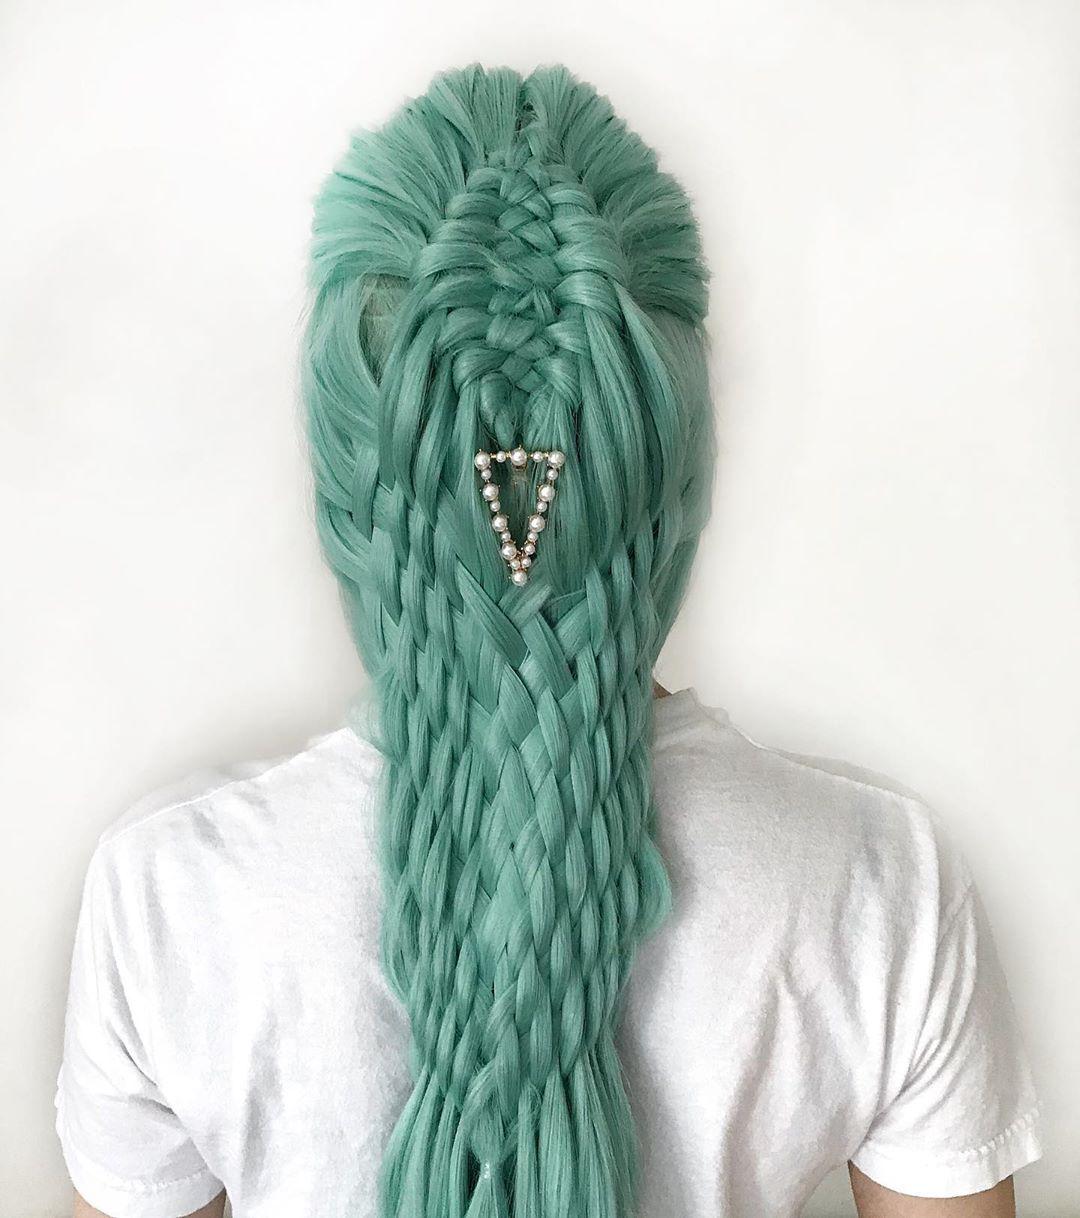 Девочка создает прически, которые поражают своими неожиданными дизайнами - вот лучшие из них вдохновляемся,волосы,прически